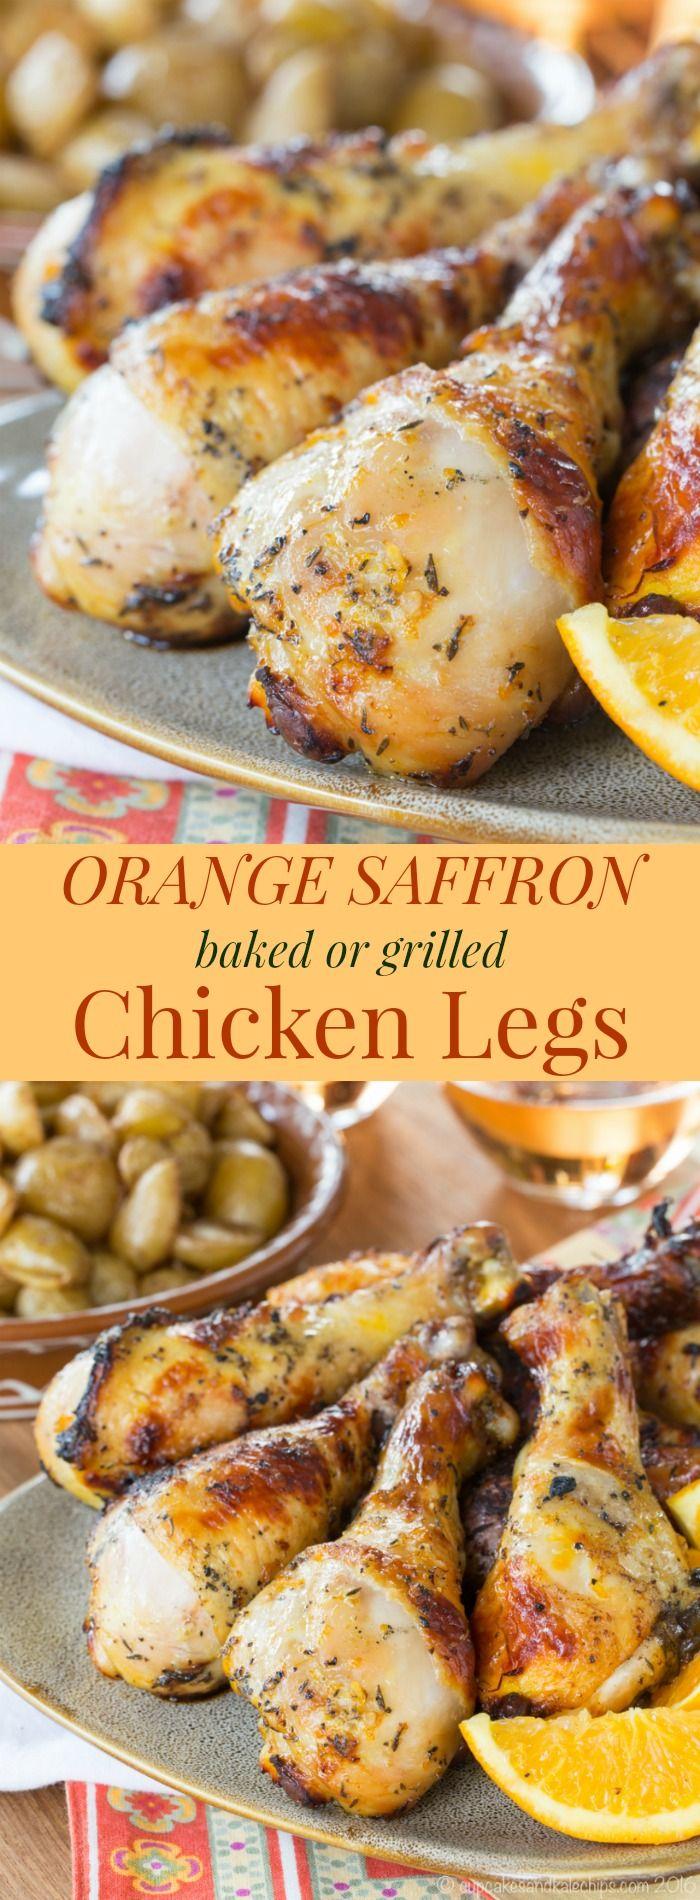 오렌지 샤프란 닭다리 구이